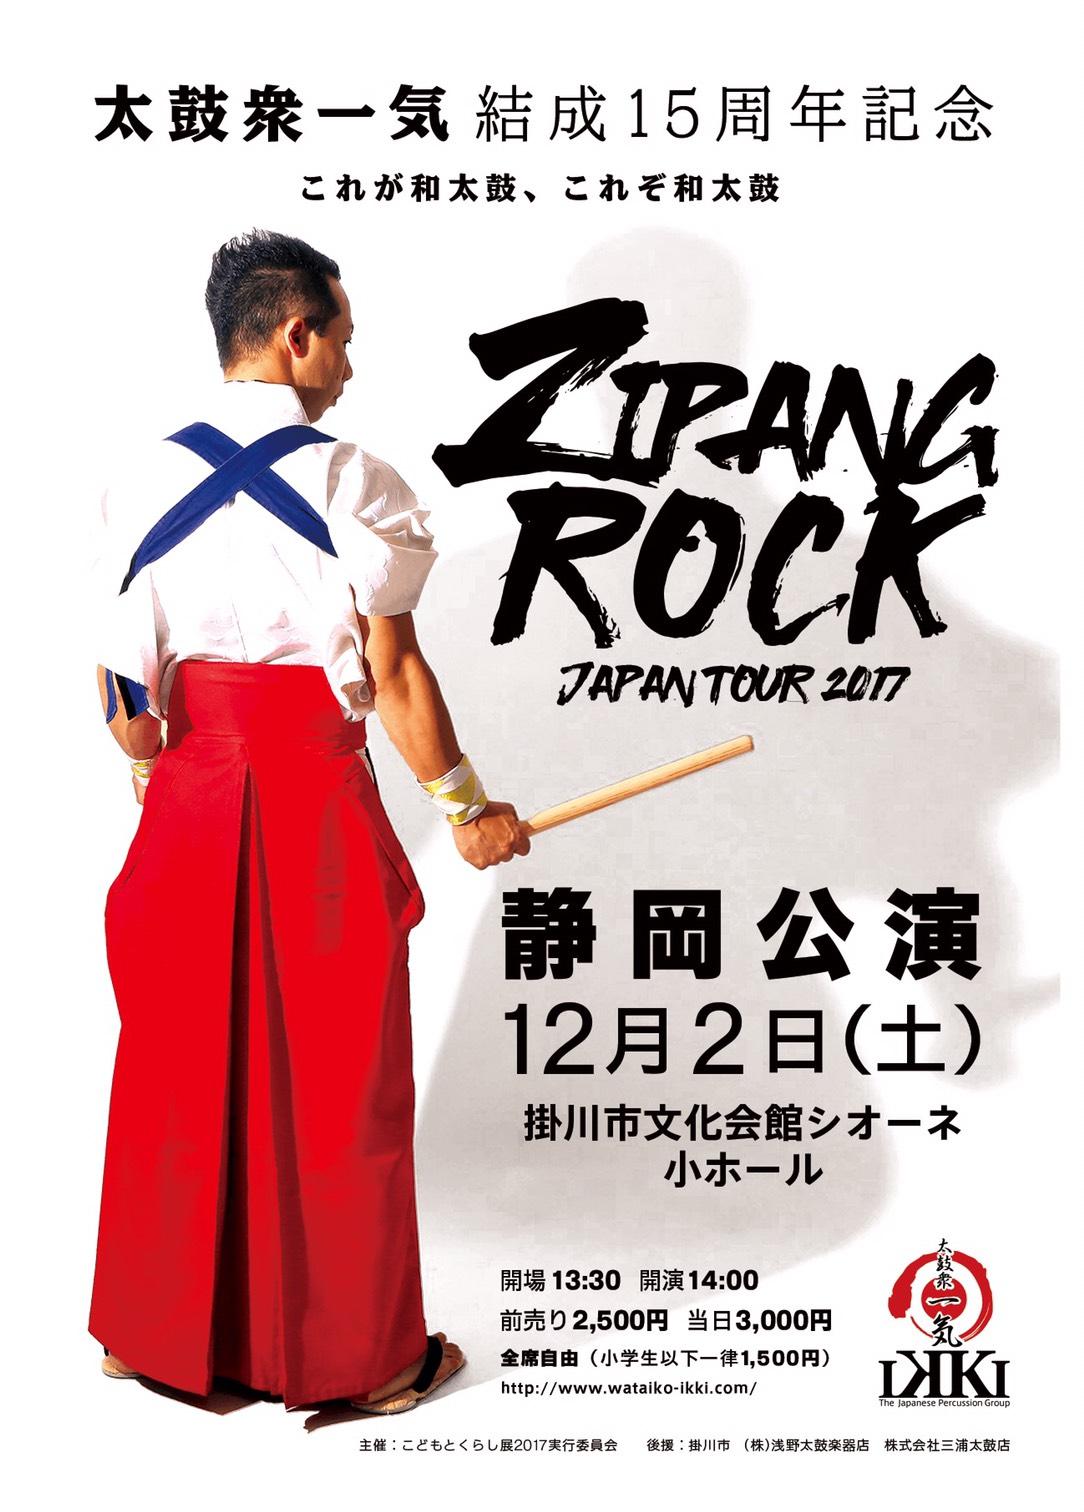 太鼓衆一気結成15周年記念 -ZIPANG ROCK- Japan Tour 2017 静岡公演